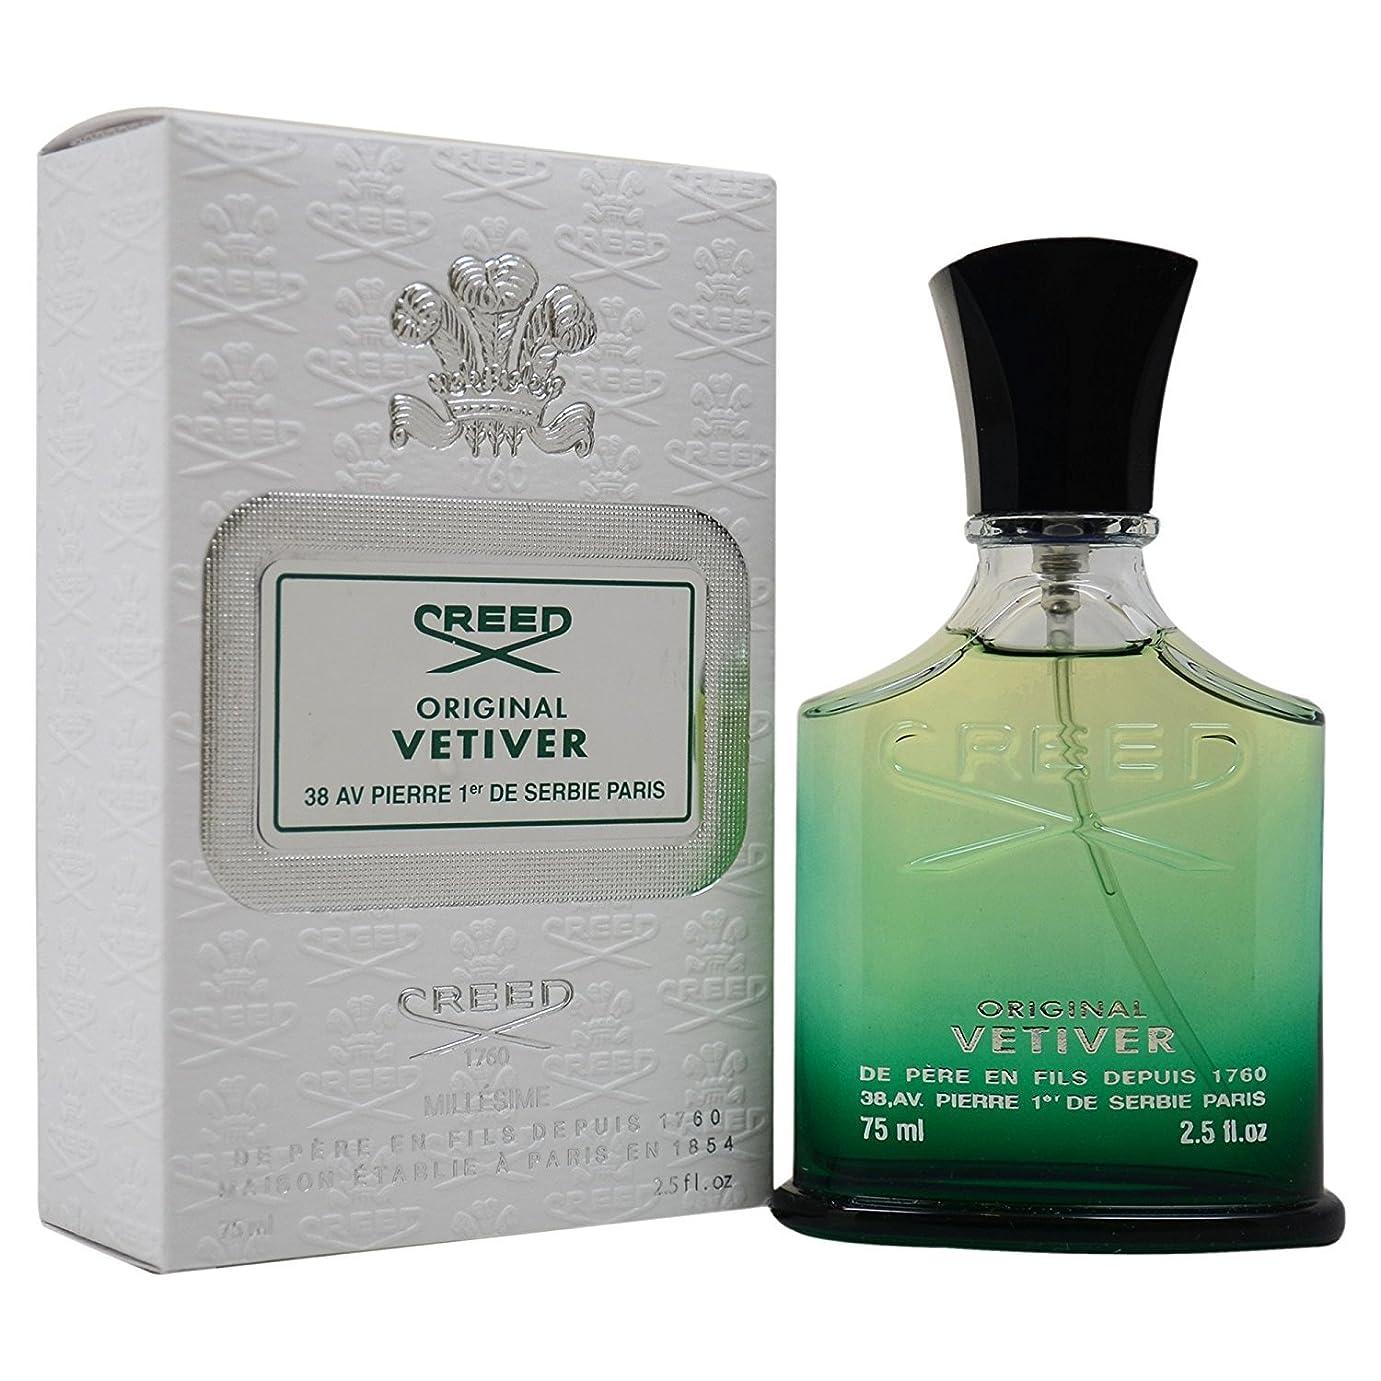 一回第五みがきますCreed Vetiver Original (クリード ベチバーオリジナル) 2.5 oz by Creed for Men